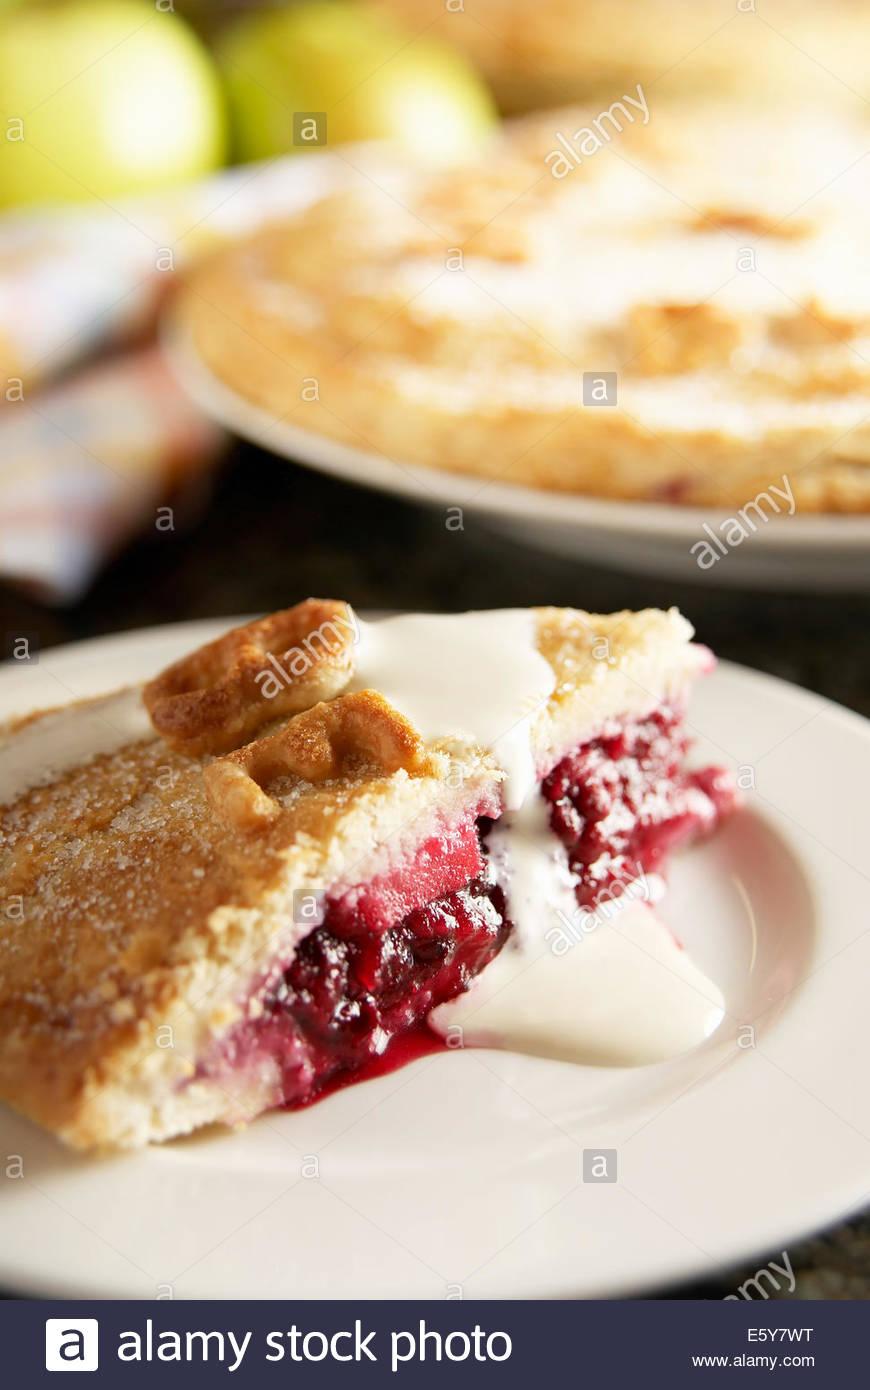 Blackberry fait maison et tarte aux pommes. Faite avec des pommes et des mûres sauvages de l'Angleterre. Photo Stock